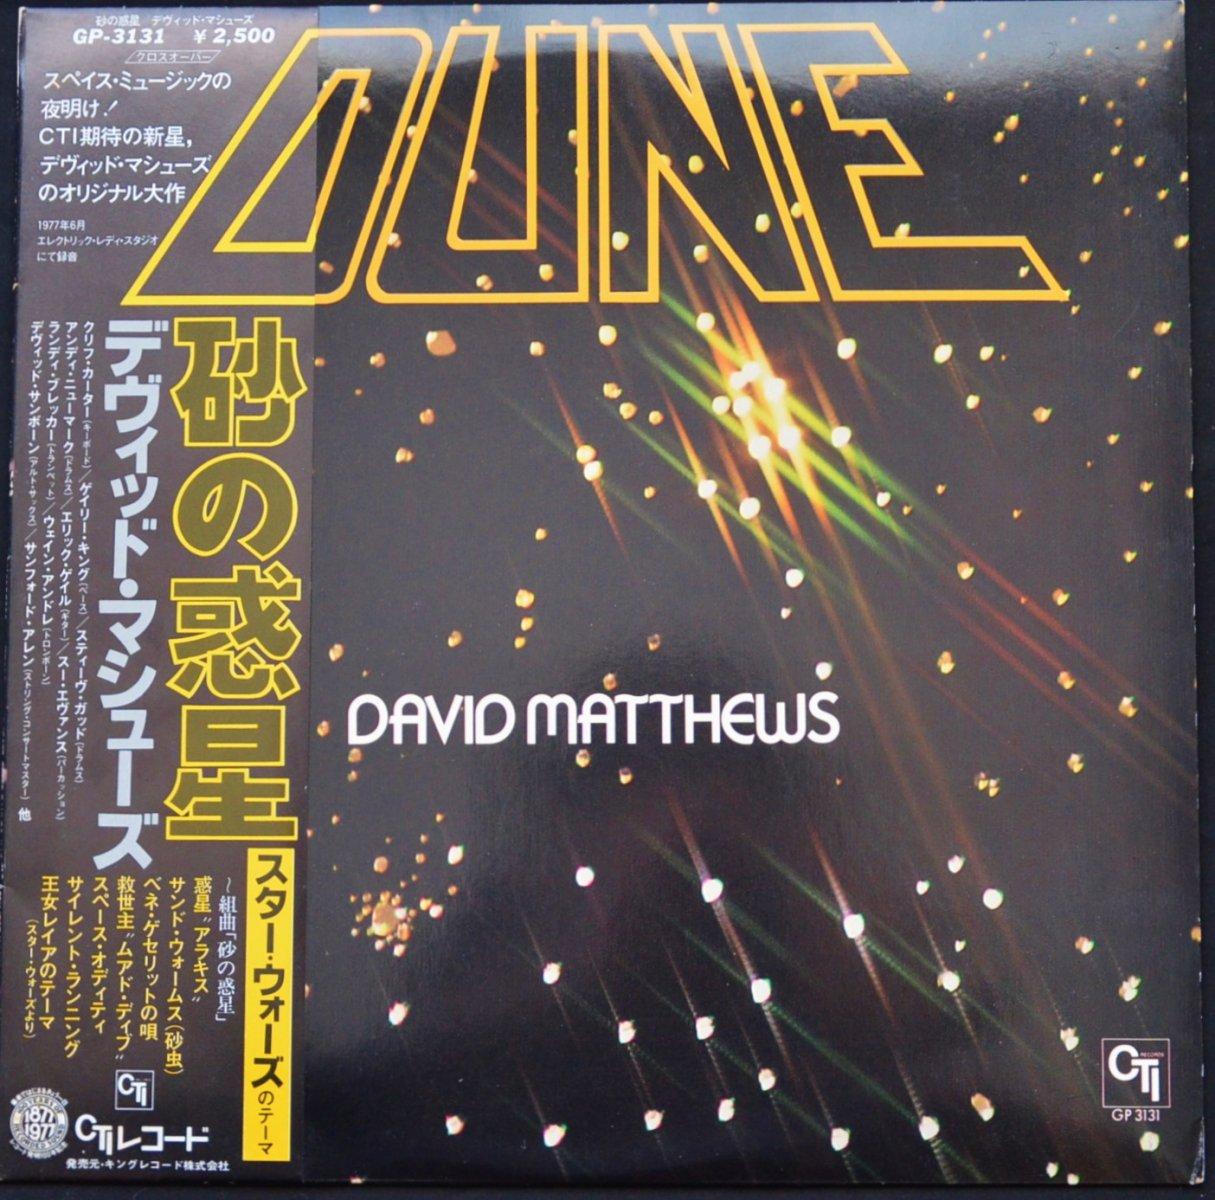 デヴィッド・マシューズ DAVID MATTHEWS / 砂の惑星 DUNE (LP)